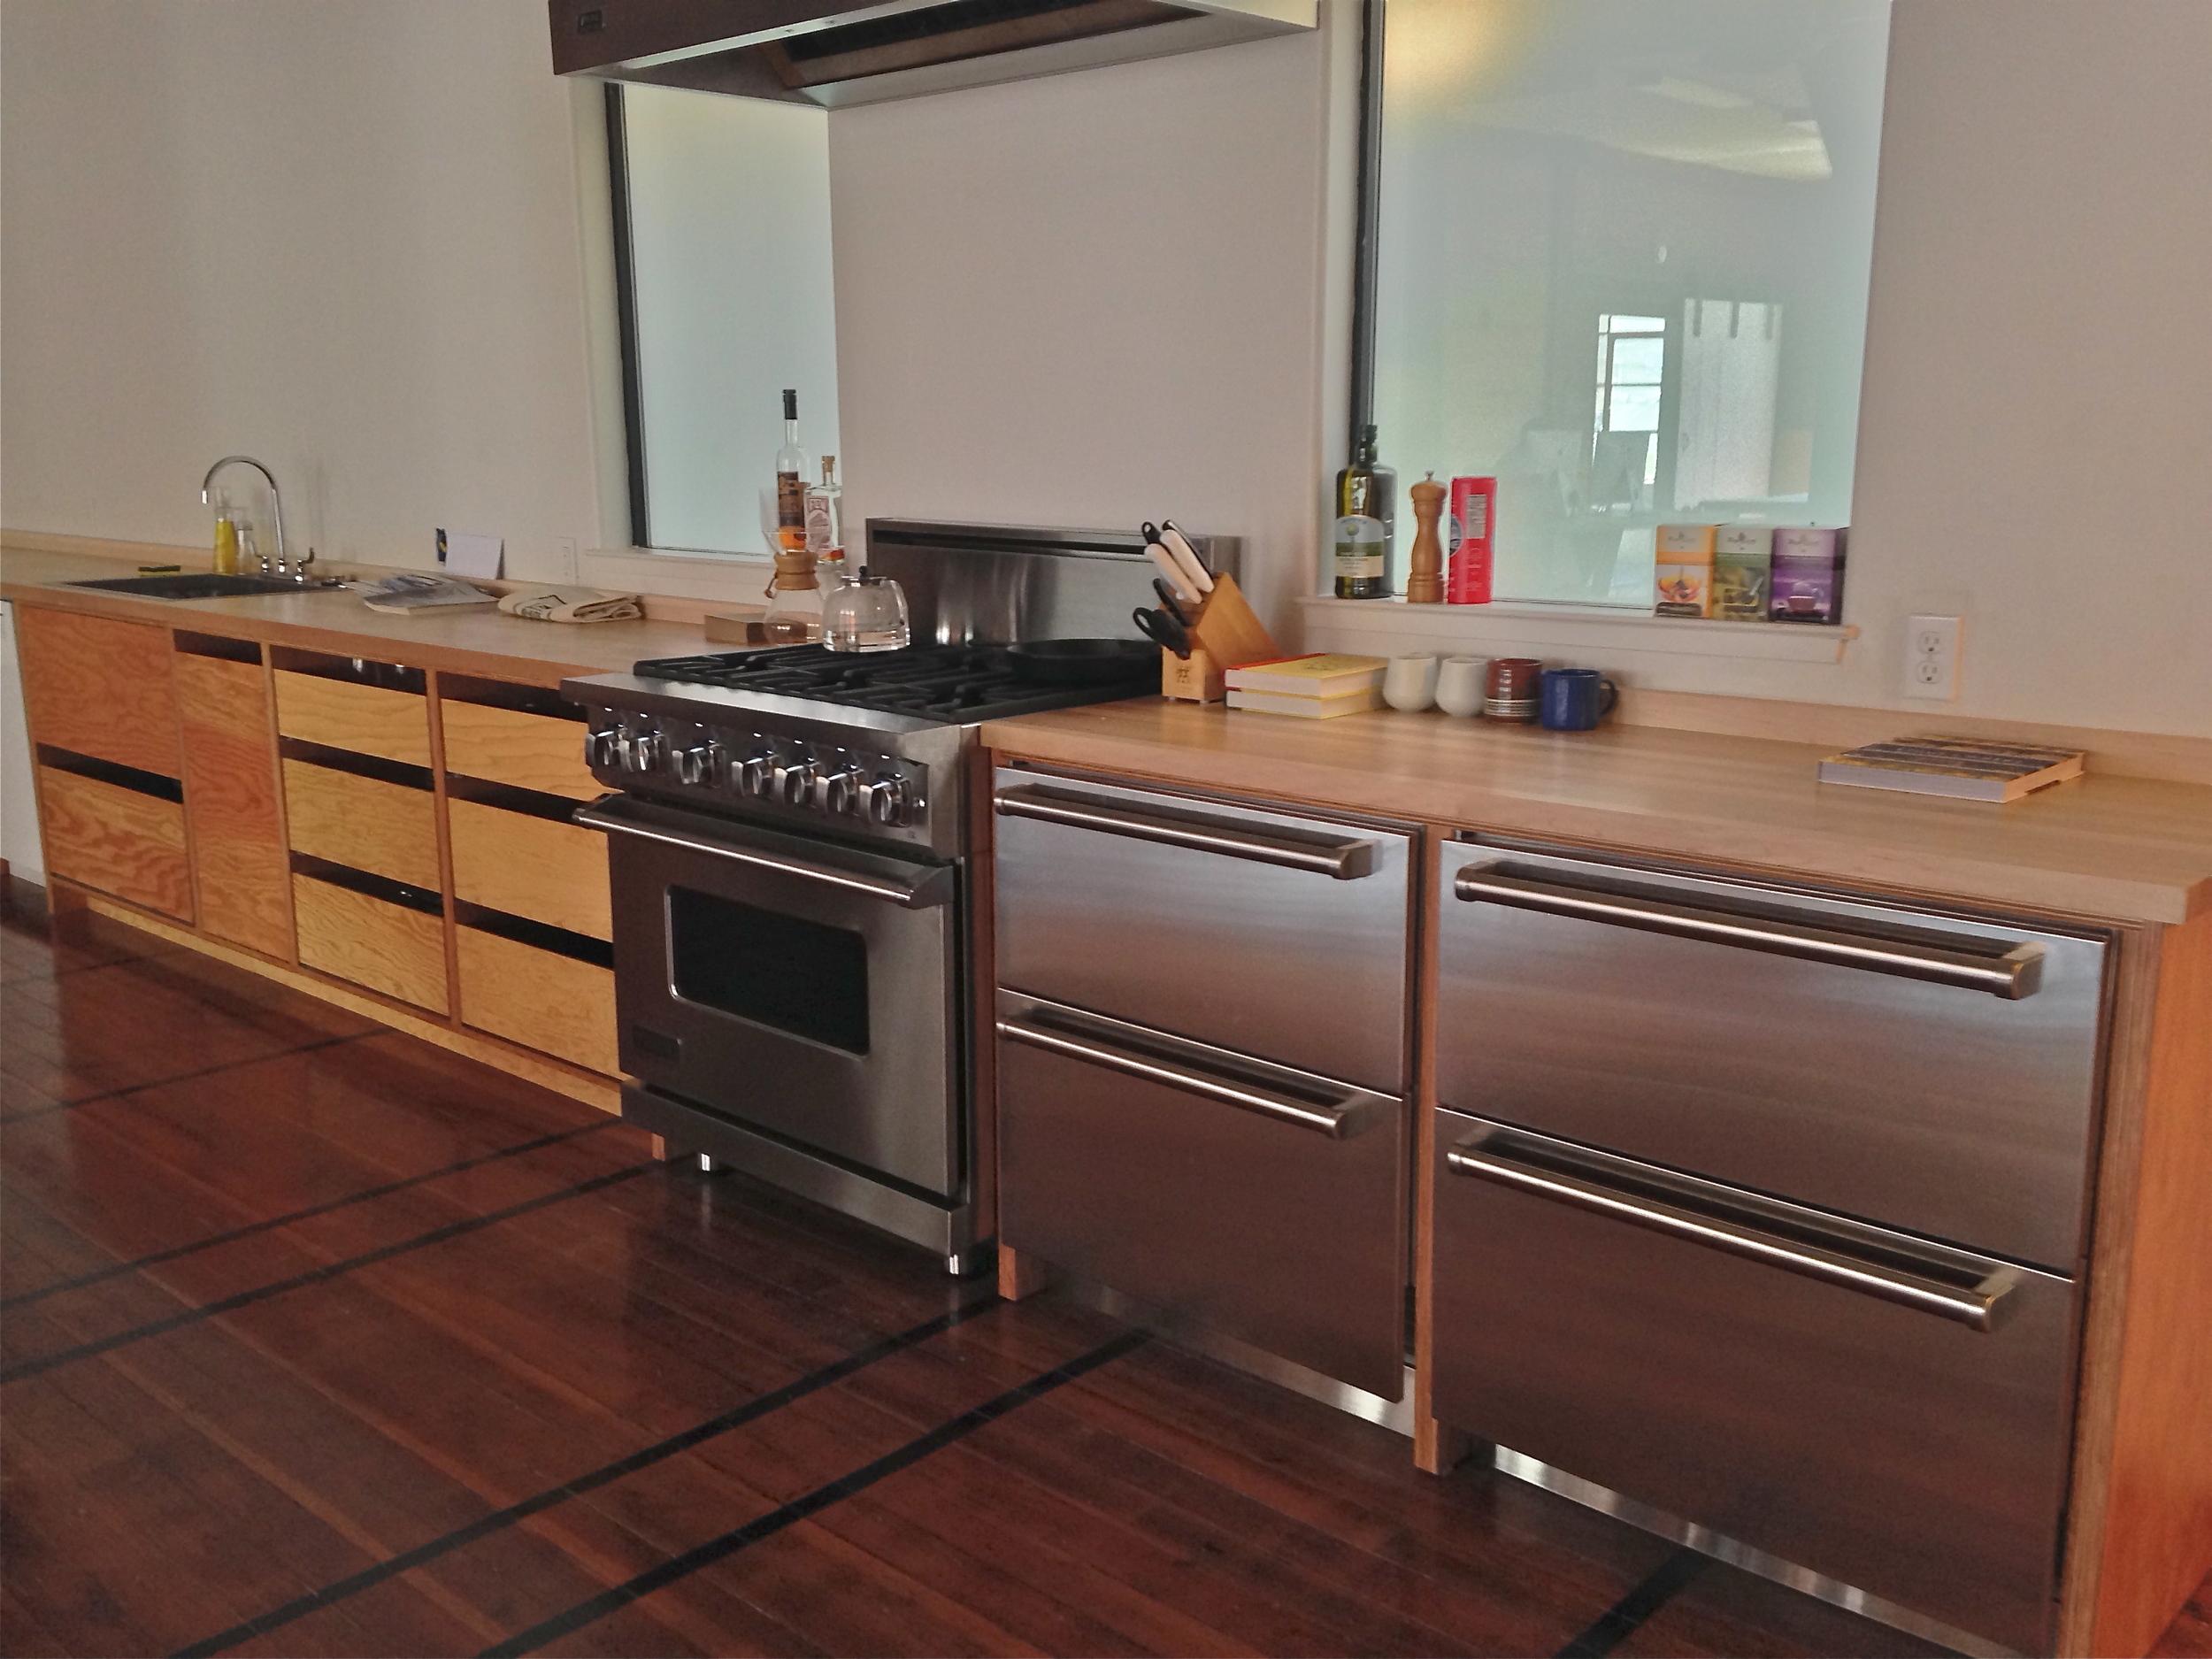 tech co kitchen.jpg